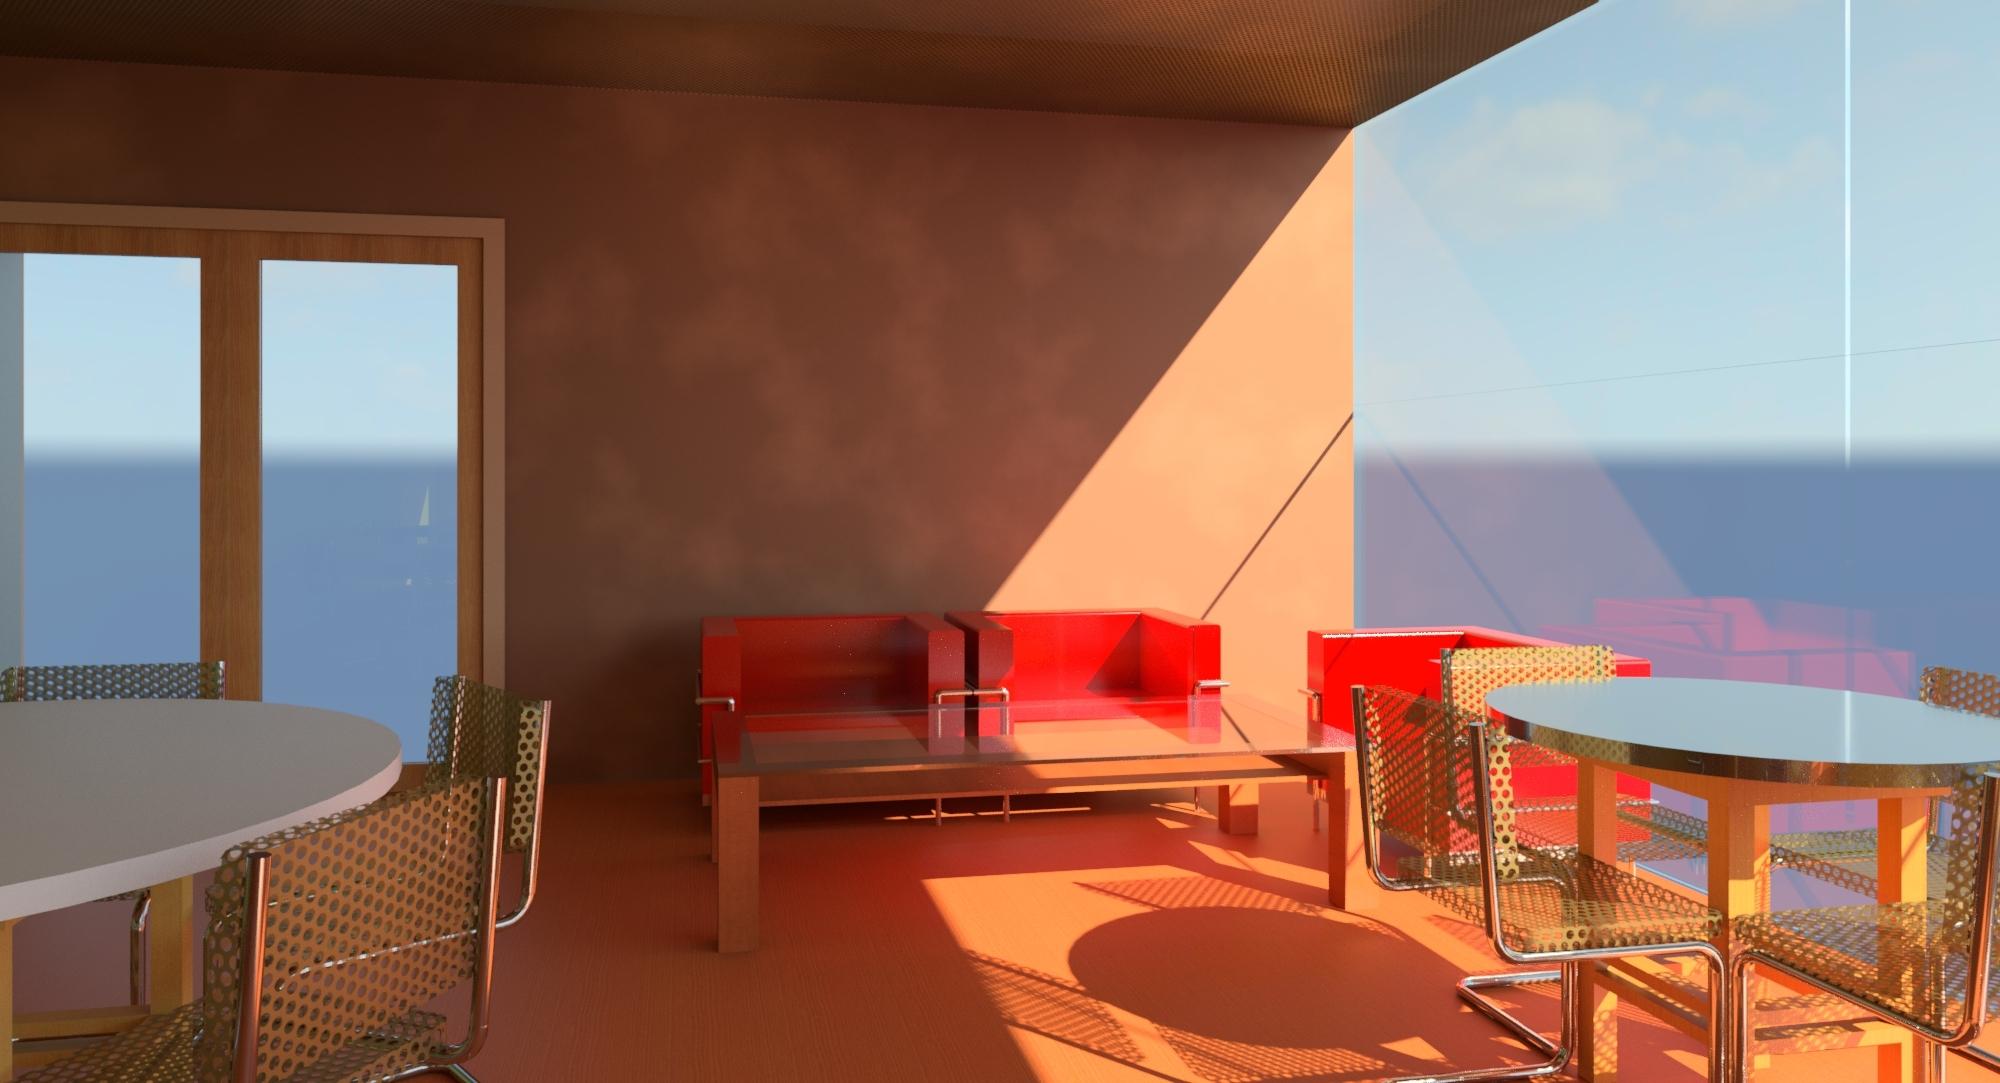 Raas-rendering20141117-21229-8ogix1